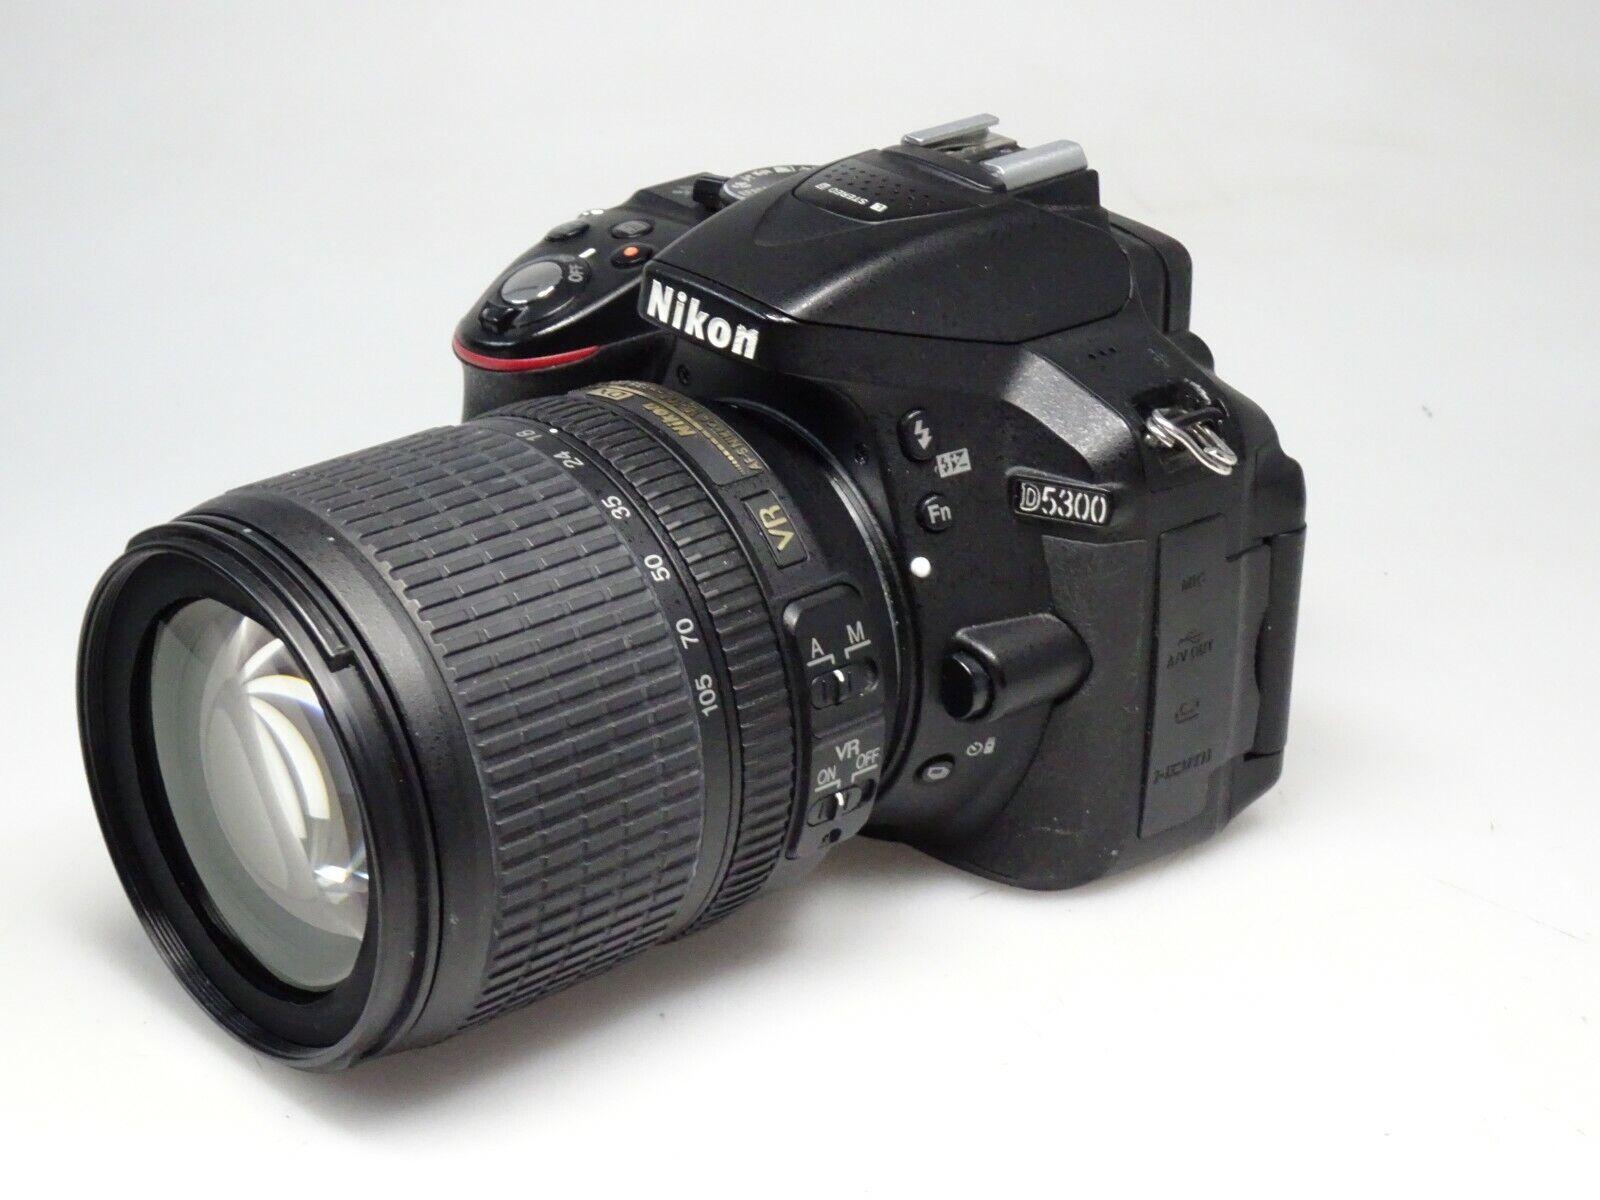 Nikon D 5300  mit Nikkor AF S 18-105 VR Digital Spiegelreflex Kamera  Kompl. Set